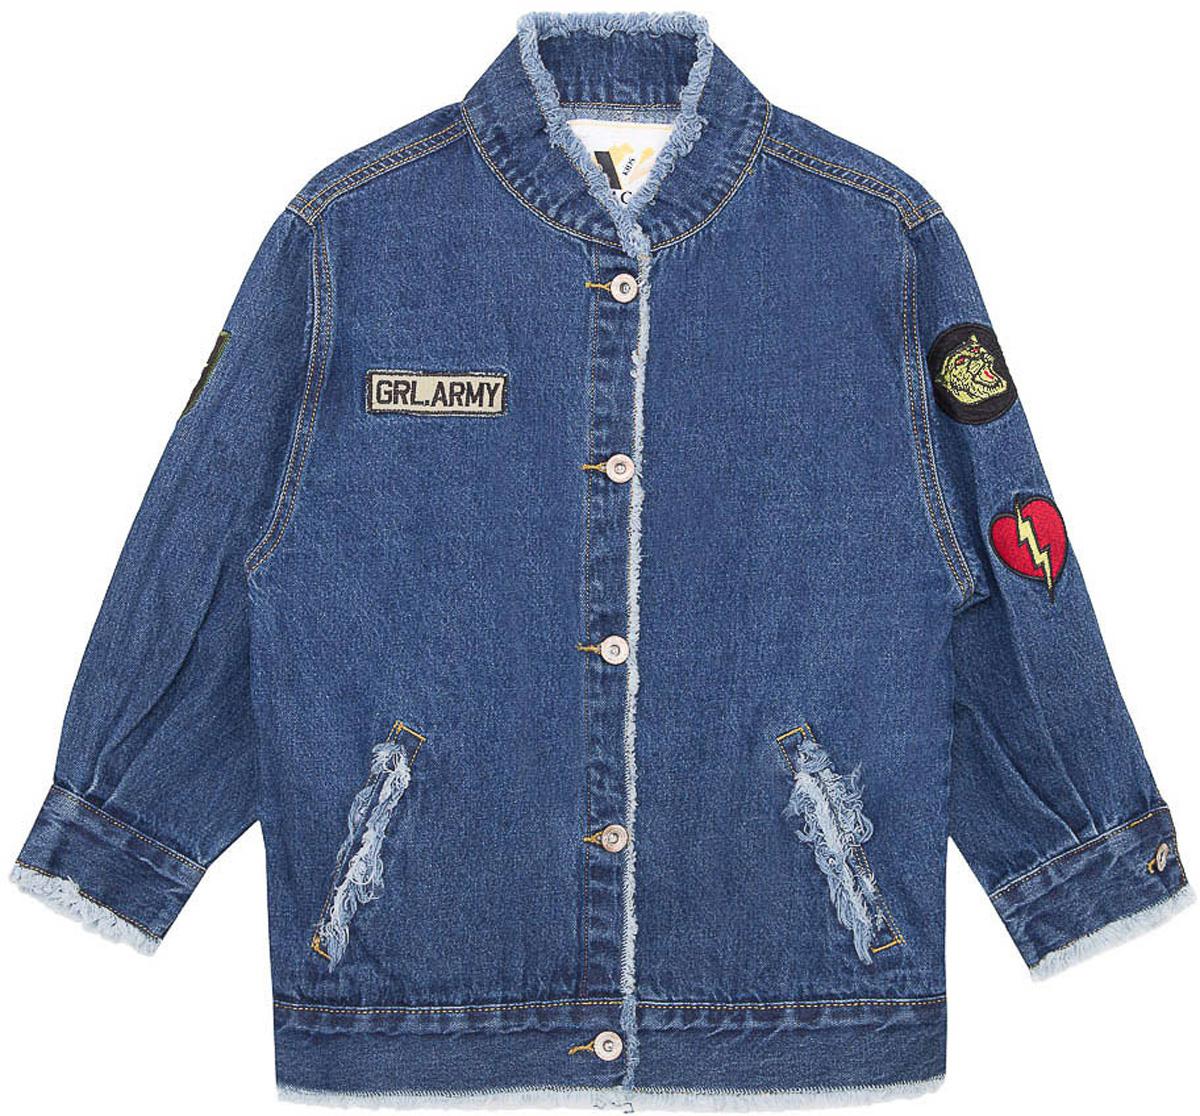 Куртка джинсовая для девочки Vitacci, цвет: синий. 2171204-04. Размер 1402171204-04Модная джинсовая куртка для девочки Vitacci идеально подойдет вашей маленькой принцессе. Изготовлена из хлопка с добавлением спандекса. Модель с длинными рукавами застегивается на металлические пуговицы. Манжеты на рукавах также застегиваются на пуговицы. Низ изделия дополнен двумя прорезными кармашками. Изделие декорировано шевронами.Современный дизайн и модная расцветка делают эту куртку стильным предметом детского гардероба. В ней юная модница всегда будет в центре внимания!